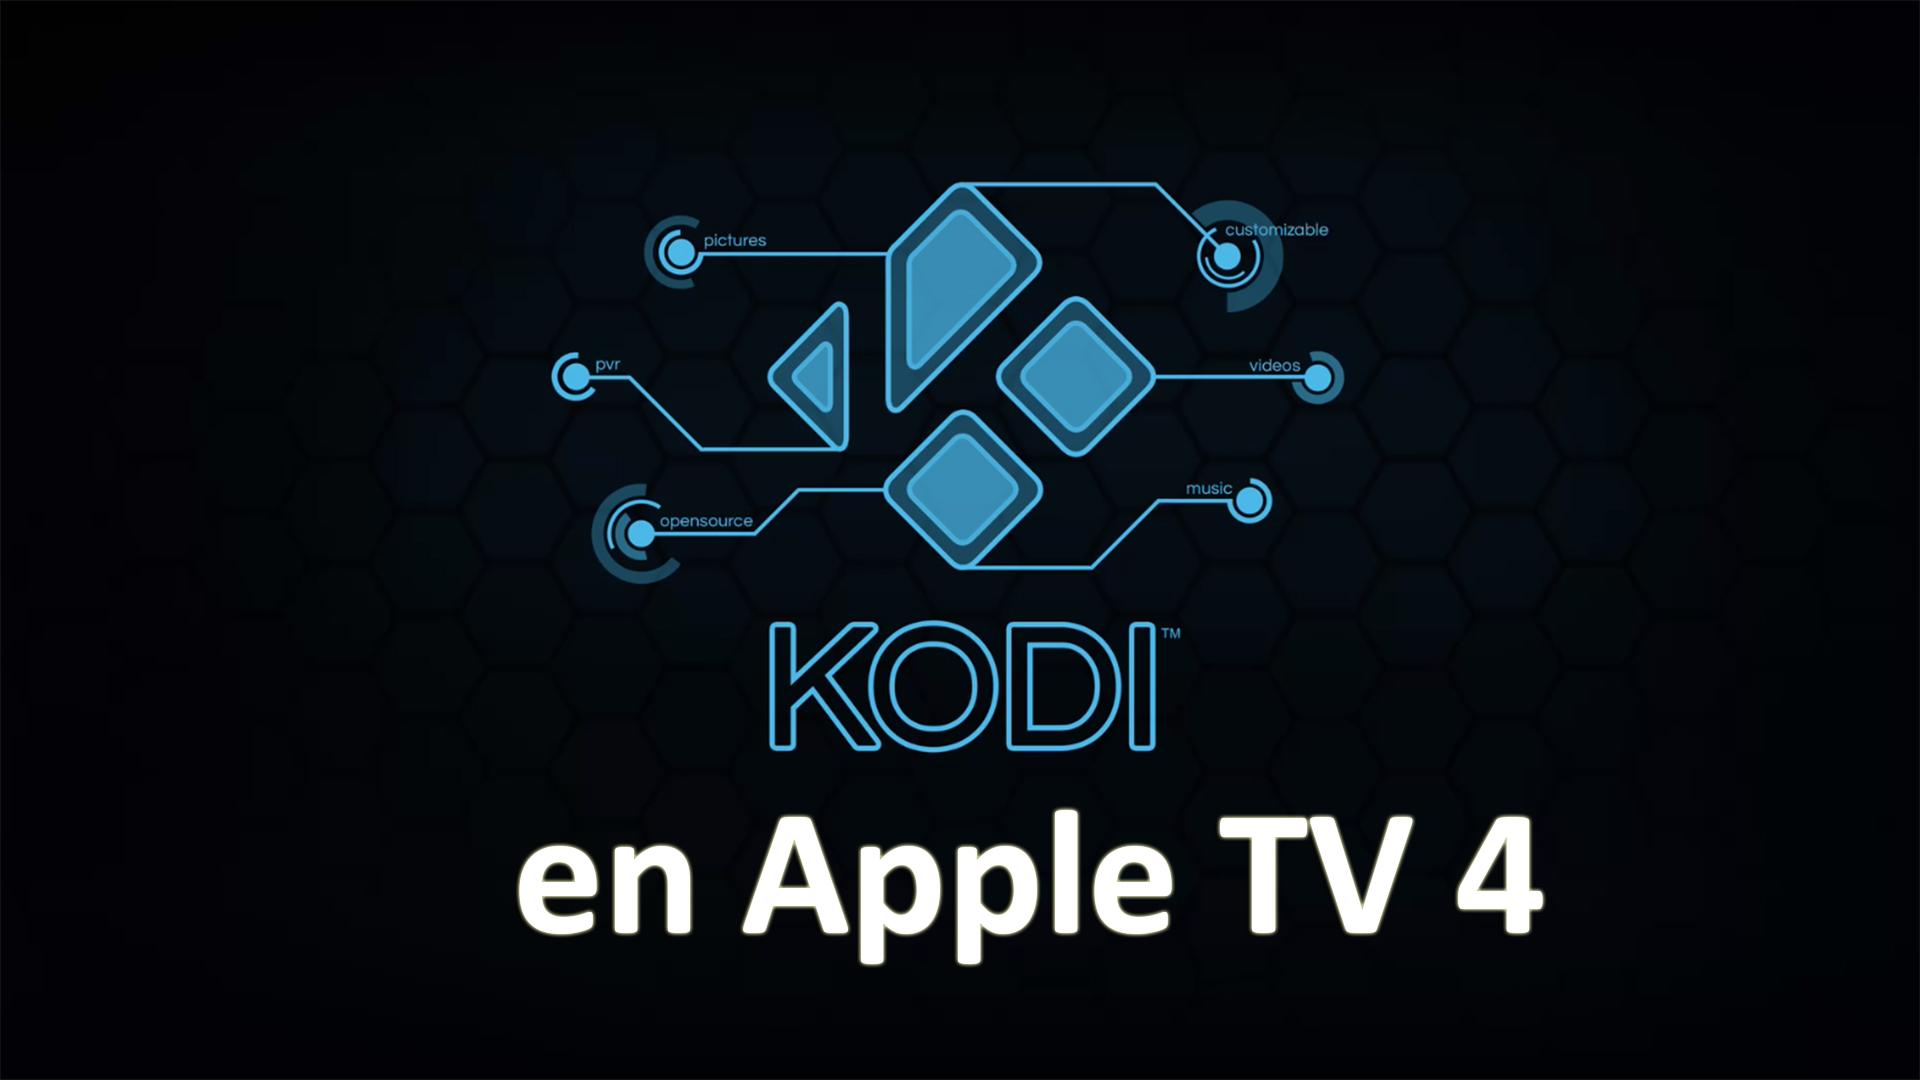 Cómo instalar Kodi en Apple TV 4